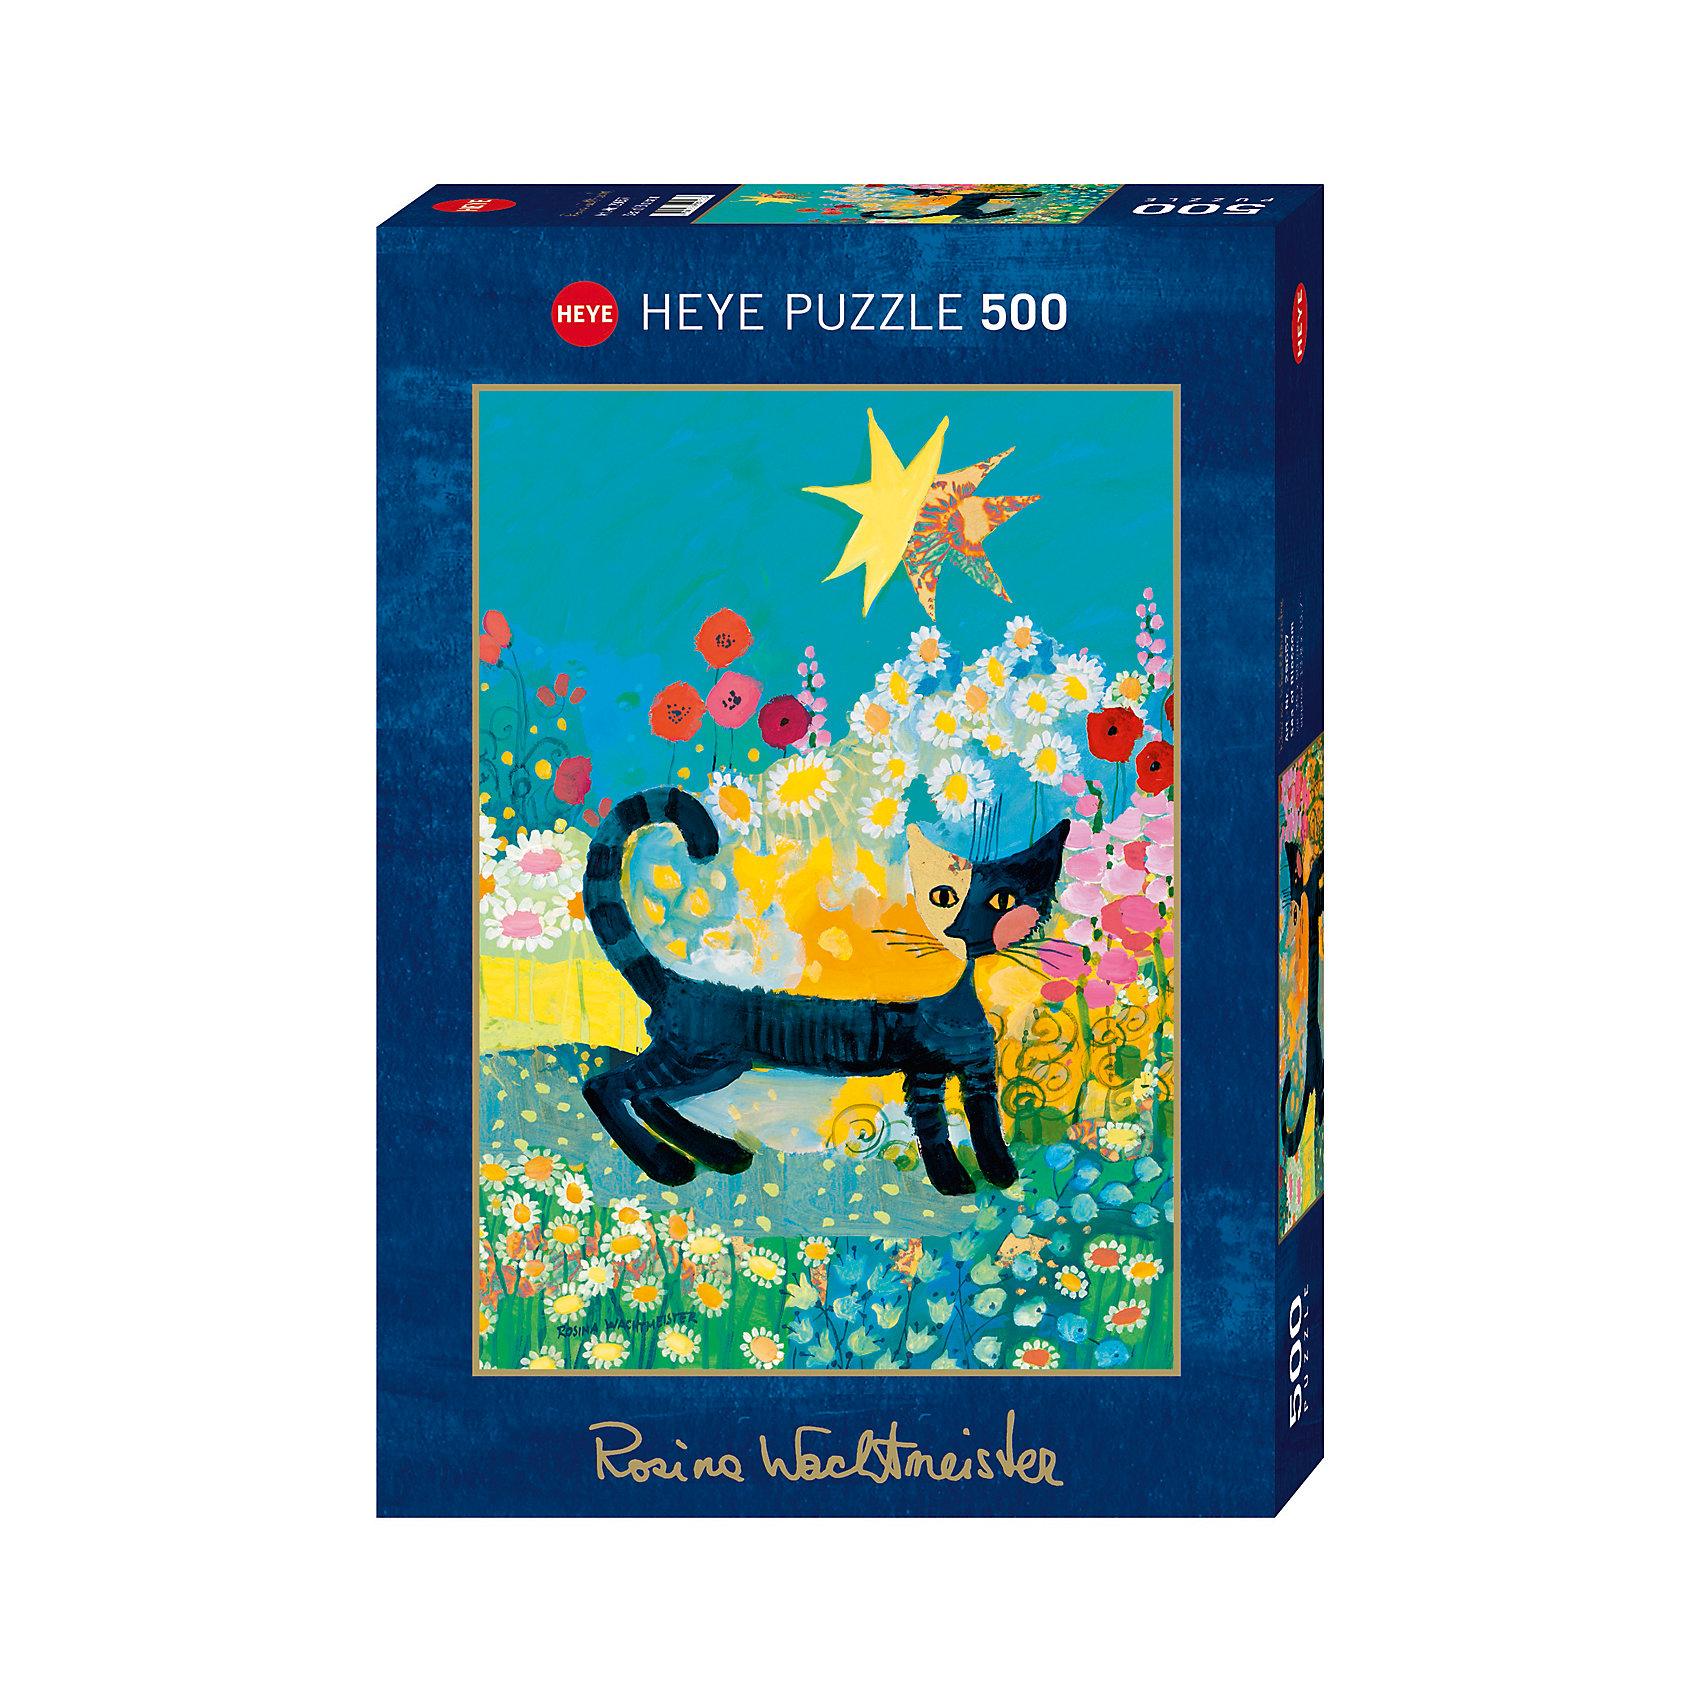 Пазл Море цветов, 500 деталей, HeyeКлассические пазлы<br>Rosina Wachtmeister (Розина Вахтмайстер) получила известность во всем мире благодаря картинам с изображением забавных кошек с яркими мордашками. Яркие, геометрические формы рисунка оставляют неизгладимое впечатление от образа этих волшебных кошек. Большинство работ автора пронизаны южными мотивами, в частности, Италией, где автор картин проживает со множеством кошек и других питомцев.<br><br>Дополнительная информация:<br><br>Размер готовой картинки: 35 х 50 см<br>Картина художника Rosina Wachtmeister<br>Тиснение золотой фольгой<br><br>Пазл Море цветов, 500 деталей, Heye можно купить в нашем магазине.<br><br>Ширина мм: 274<br>Глубина мм: 192<br>Высота мм: 63<br>Вес г: 448<br>Возраст от месяцев: 144<br>Возраст до месяцев: 228<br>Пол: Унисекс<br>Возраст: Детский<br>Количество деталей: 500<br>SKU: 4163050